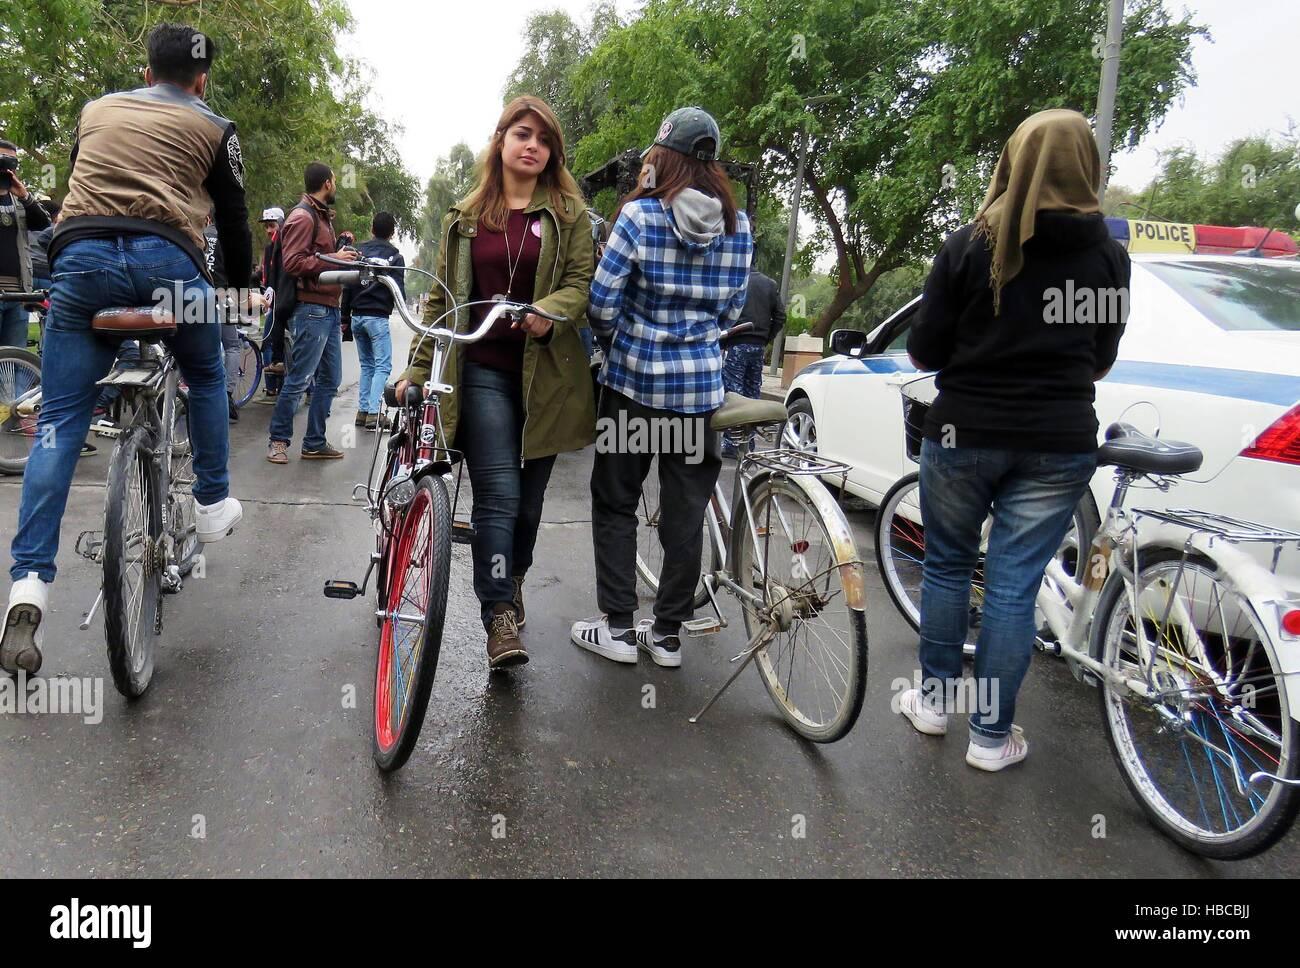 Baghdad in Iraq. 5 Dic, 2016. Gli iracheni si raccolgono sull'Abu Nawas street prima di una manifestazione ciclistica Immagini Stock